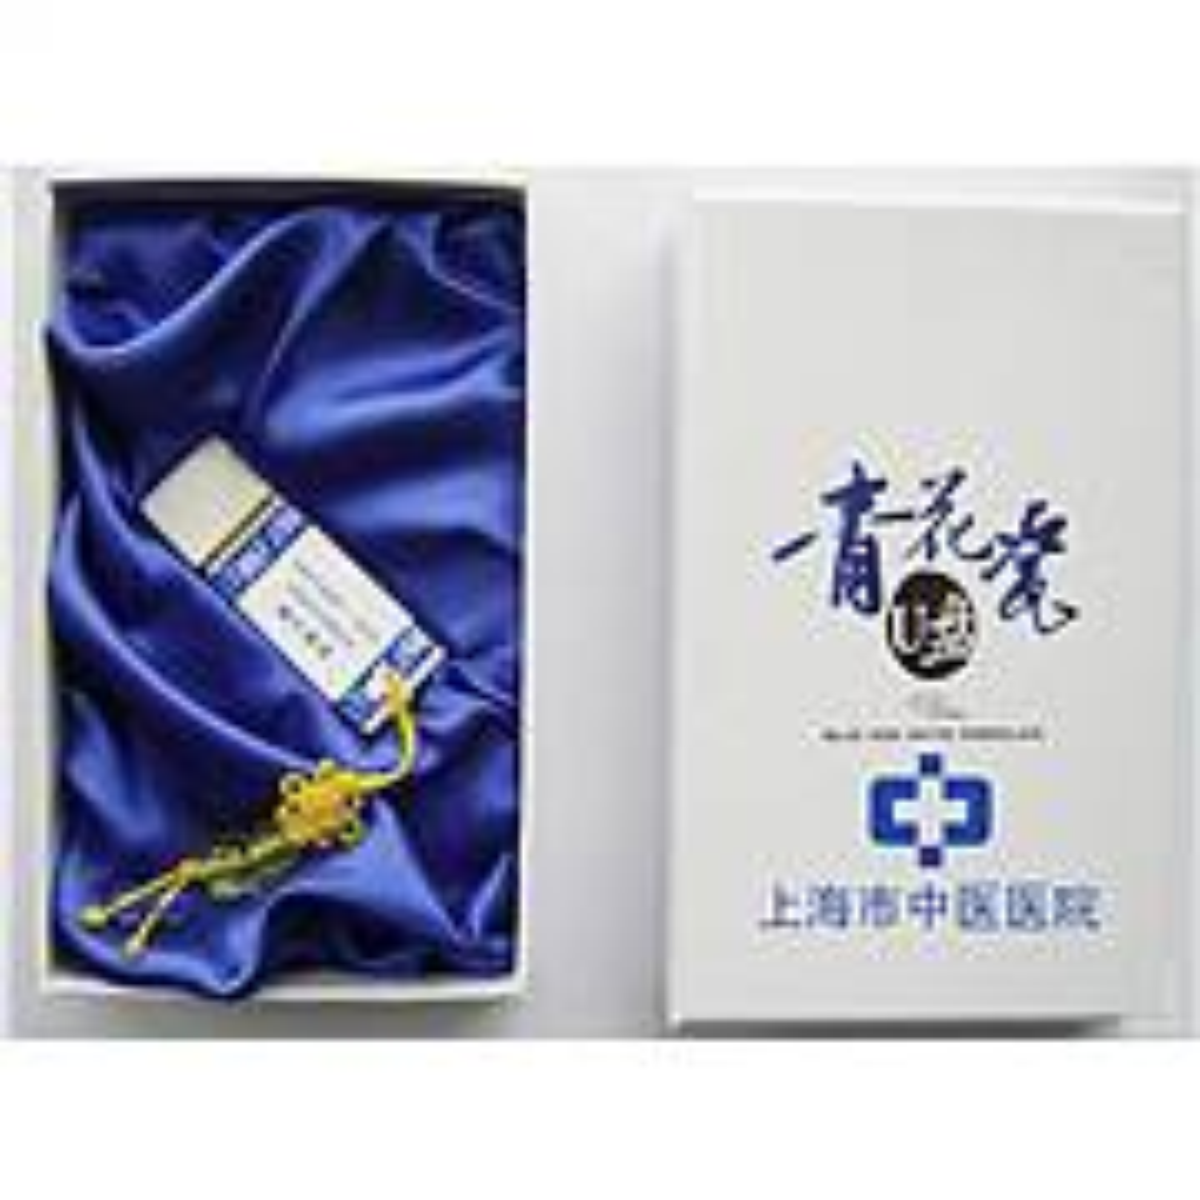 国产4G青花瓷U盘(个)